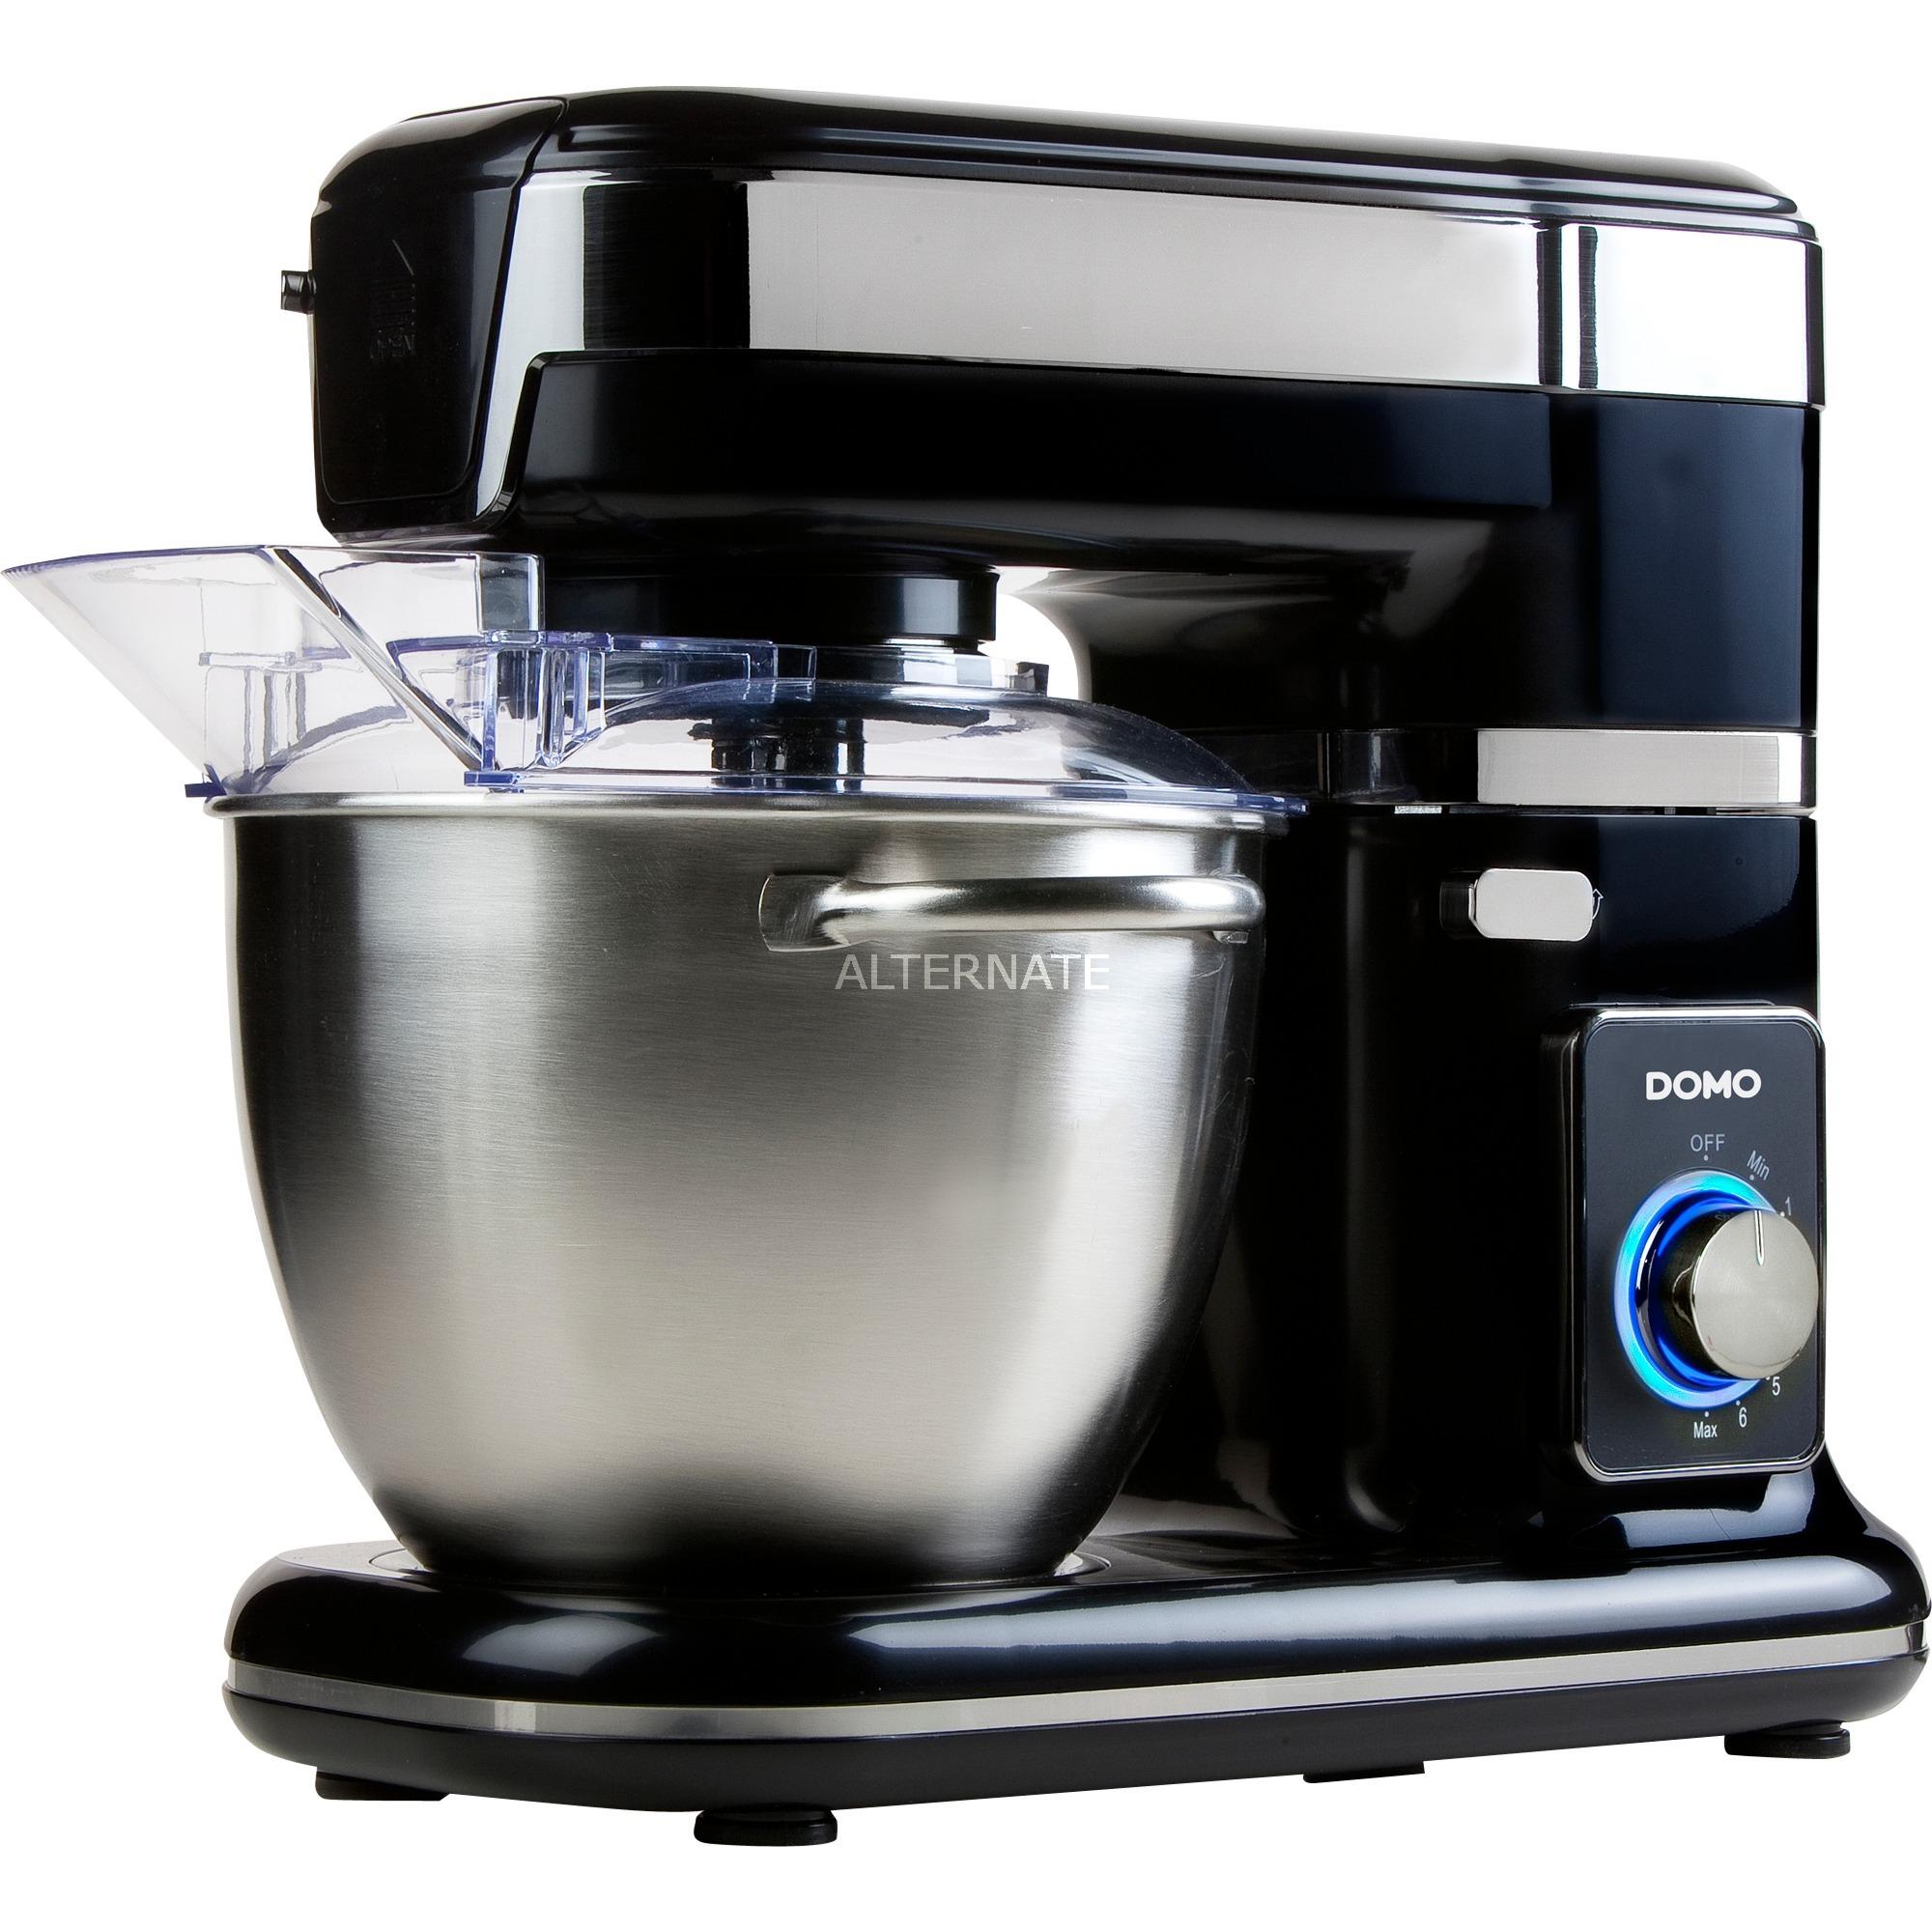 DO9077KR robot de cocina 4,5 L Negro, Metálico 1000 W